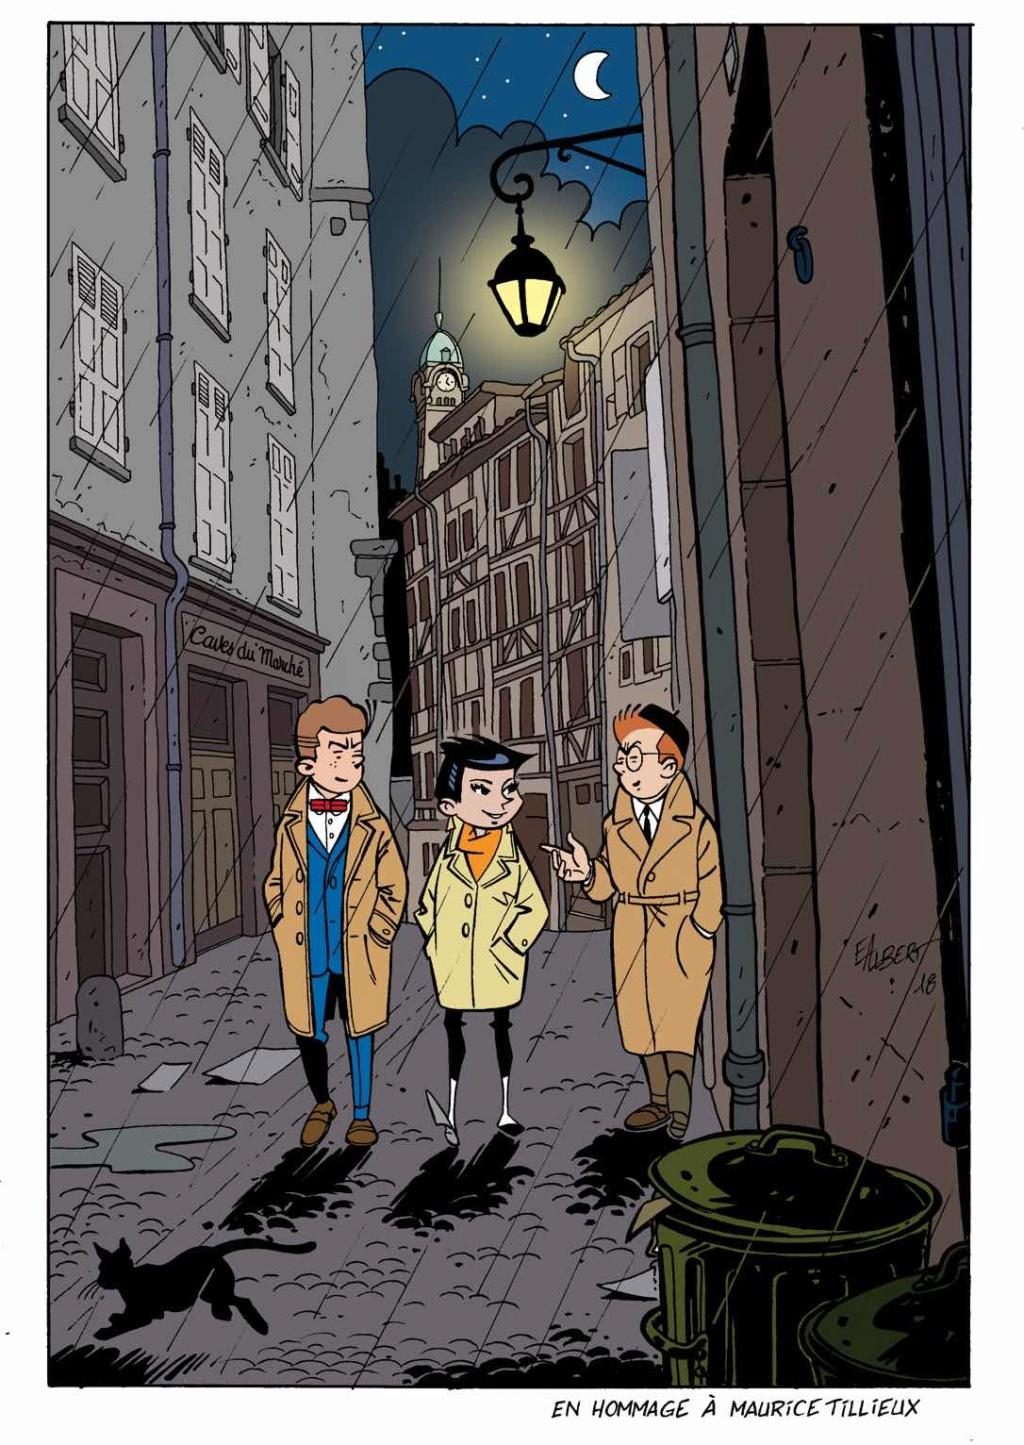 Le genre policier - Page 7 Exlibr10